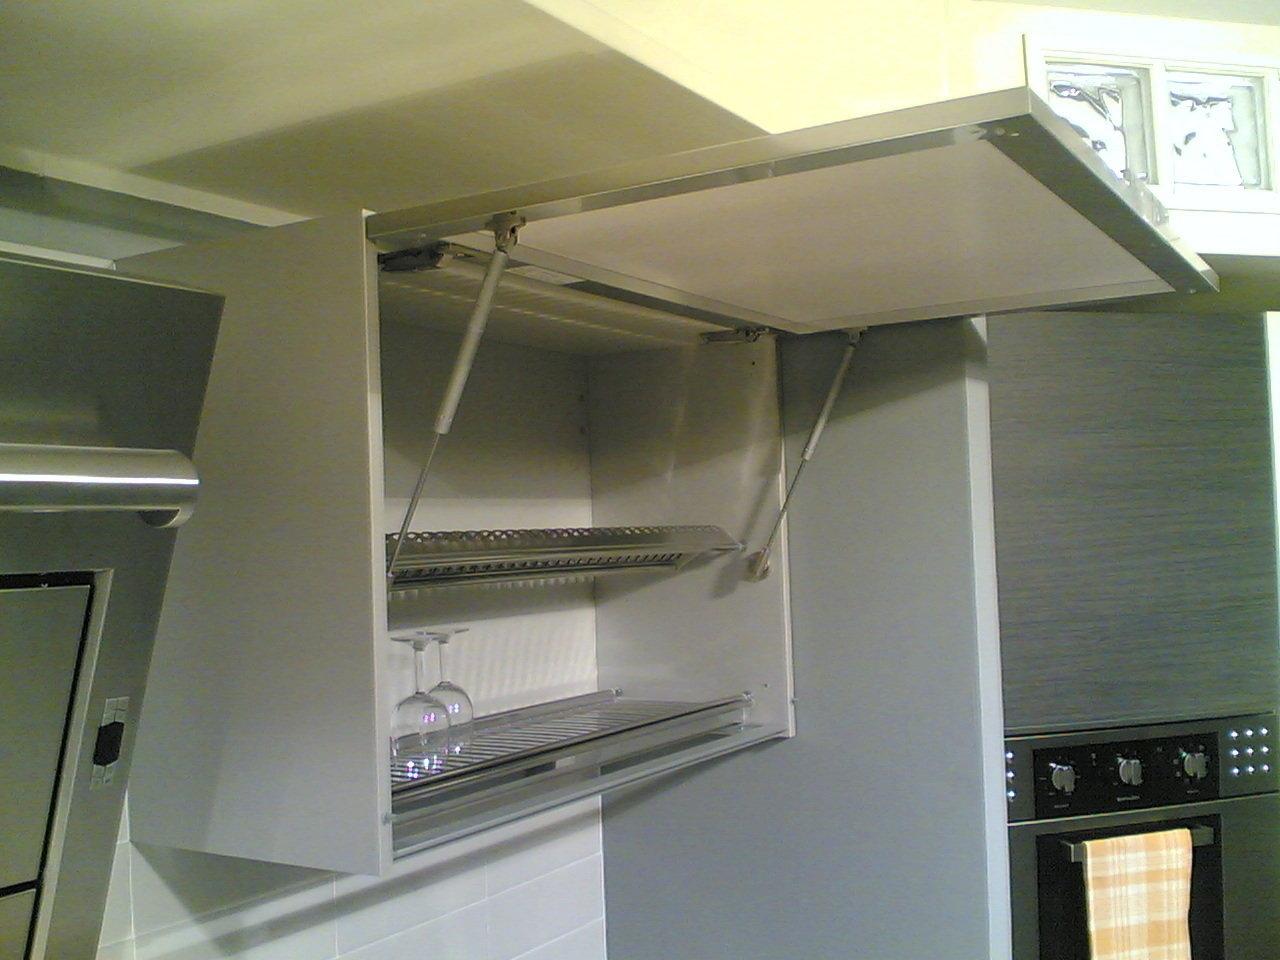 Cucina cesar scontata 9450 cucine a prezzi scontati - Pensili cucina prezzi ...